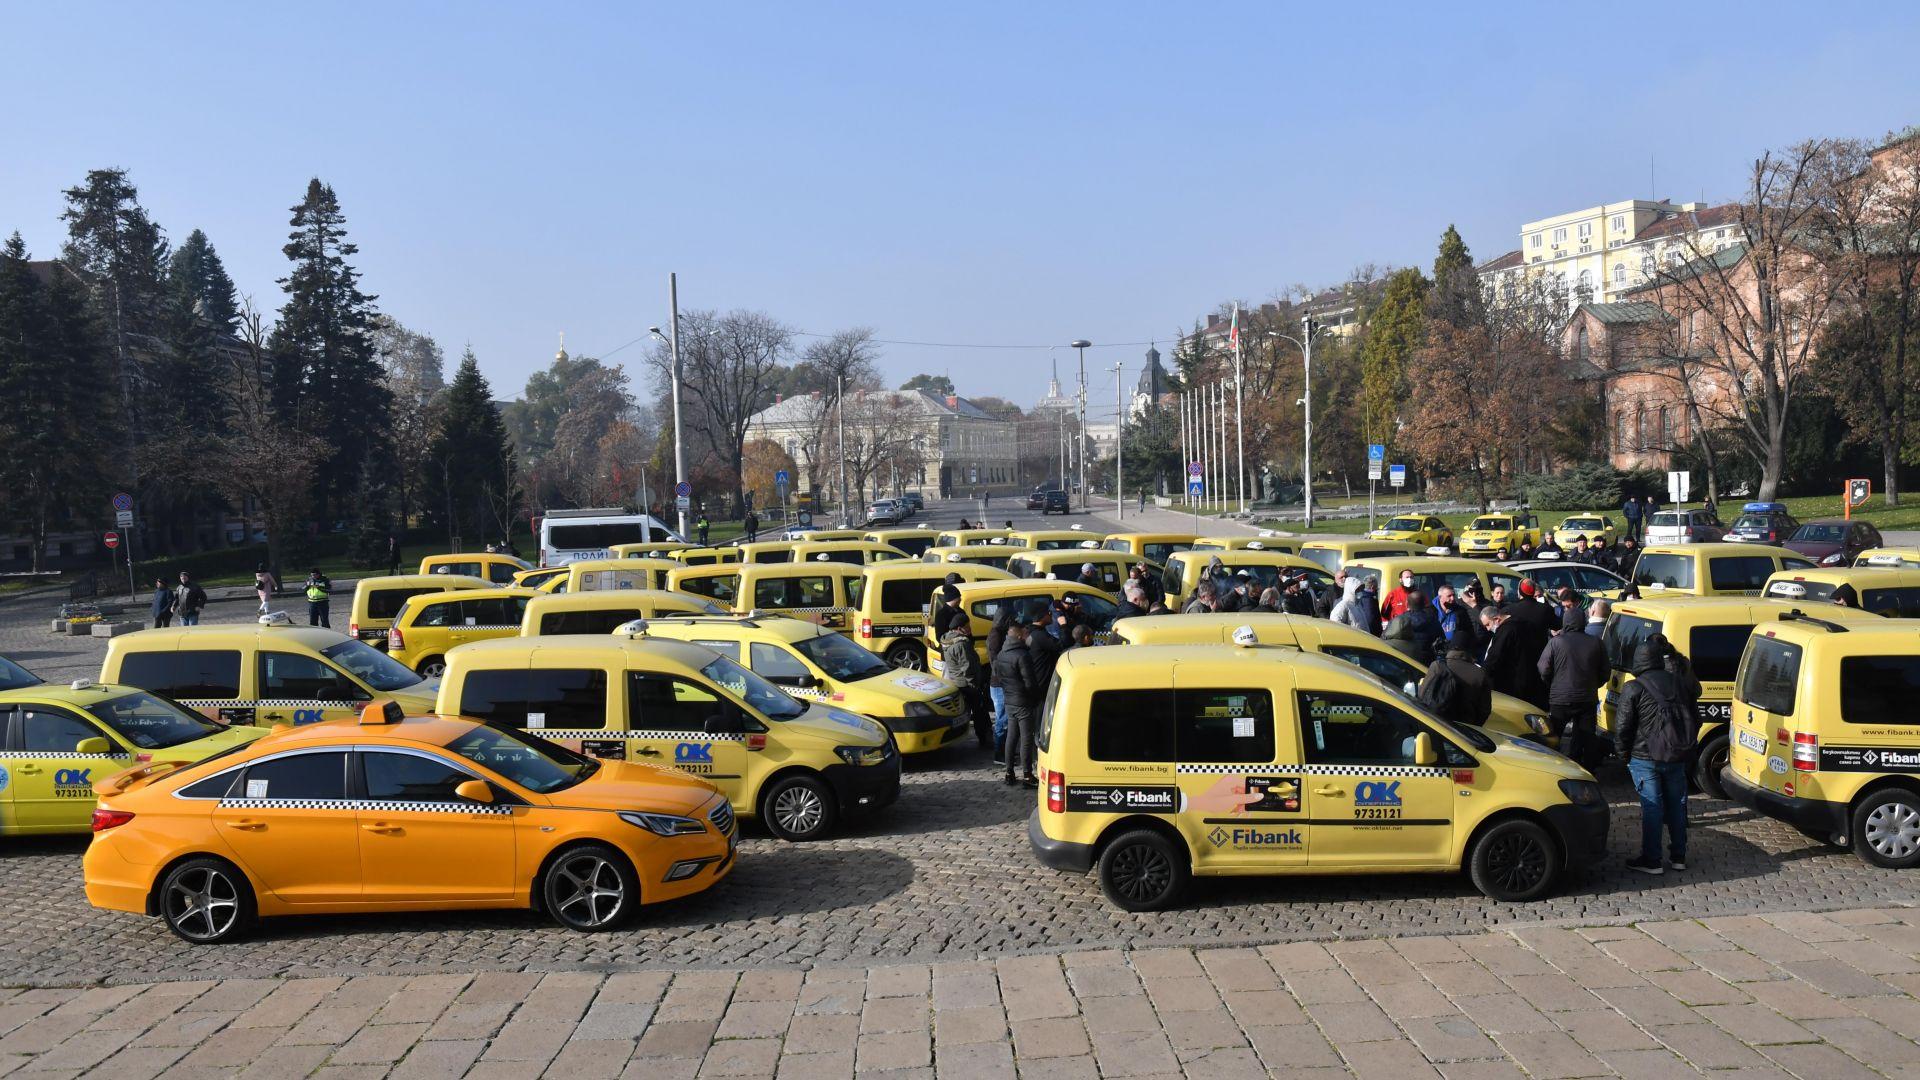 Таксиметрови шофьори пак протестираха в София, вчера попаднали на активно мероприятие (снимки)